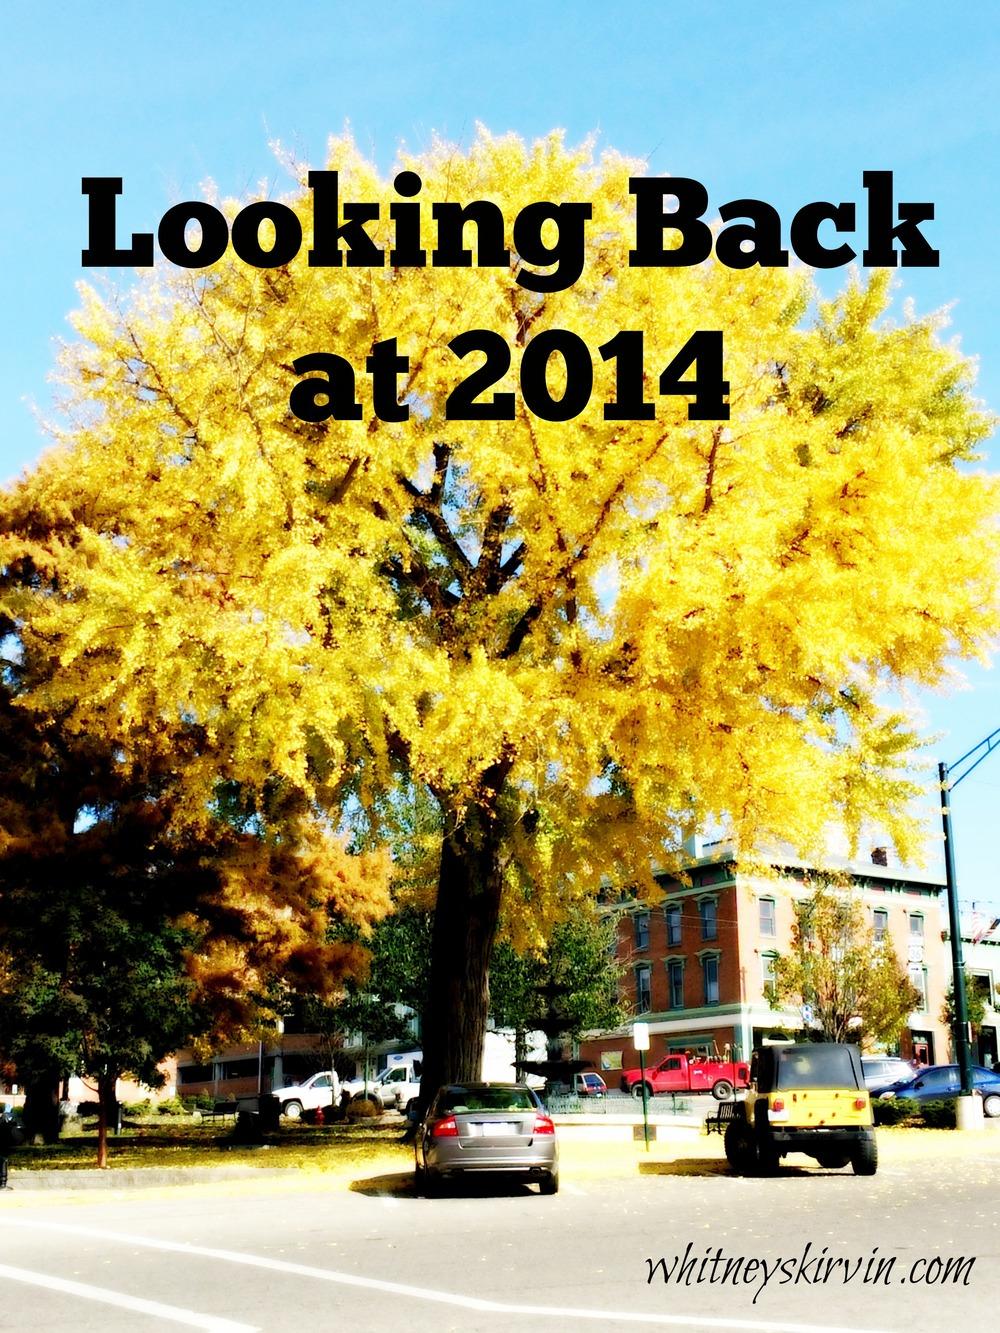 lookingbackat2014.jpg